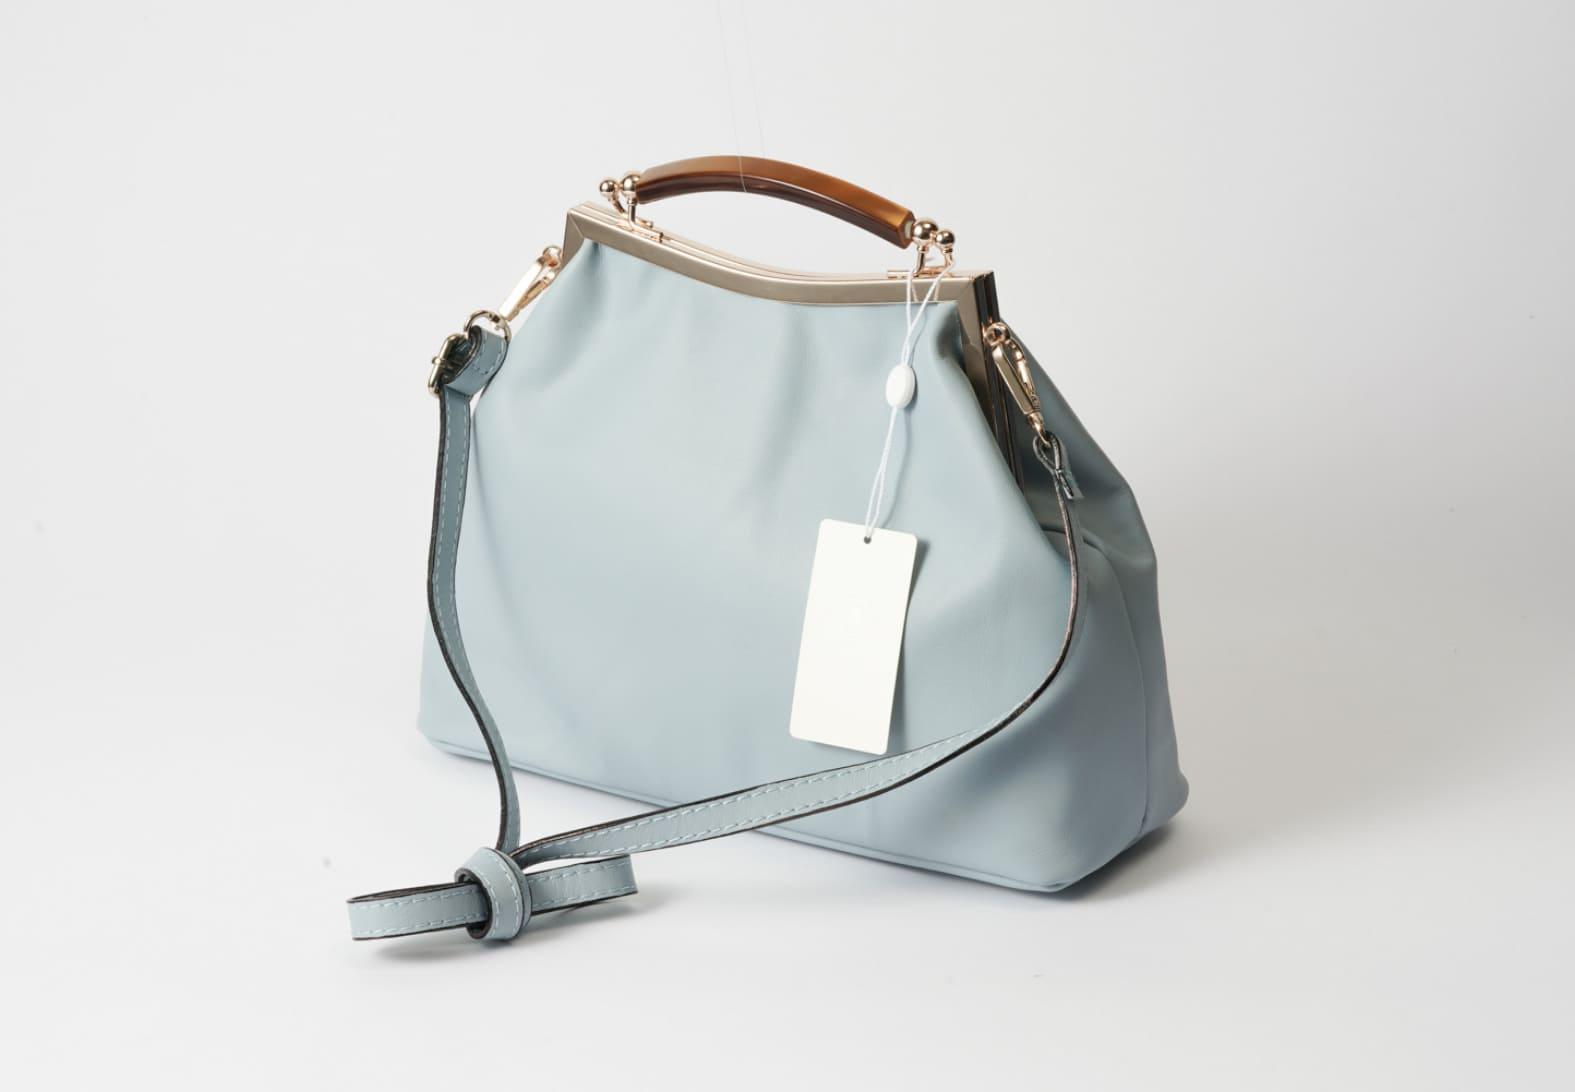 持ち手もレザーを使用したイタリアのAULENTTIのバッグ